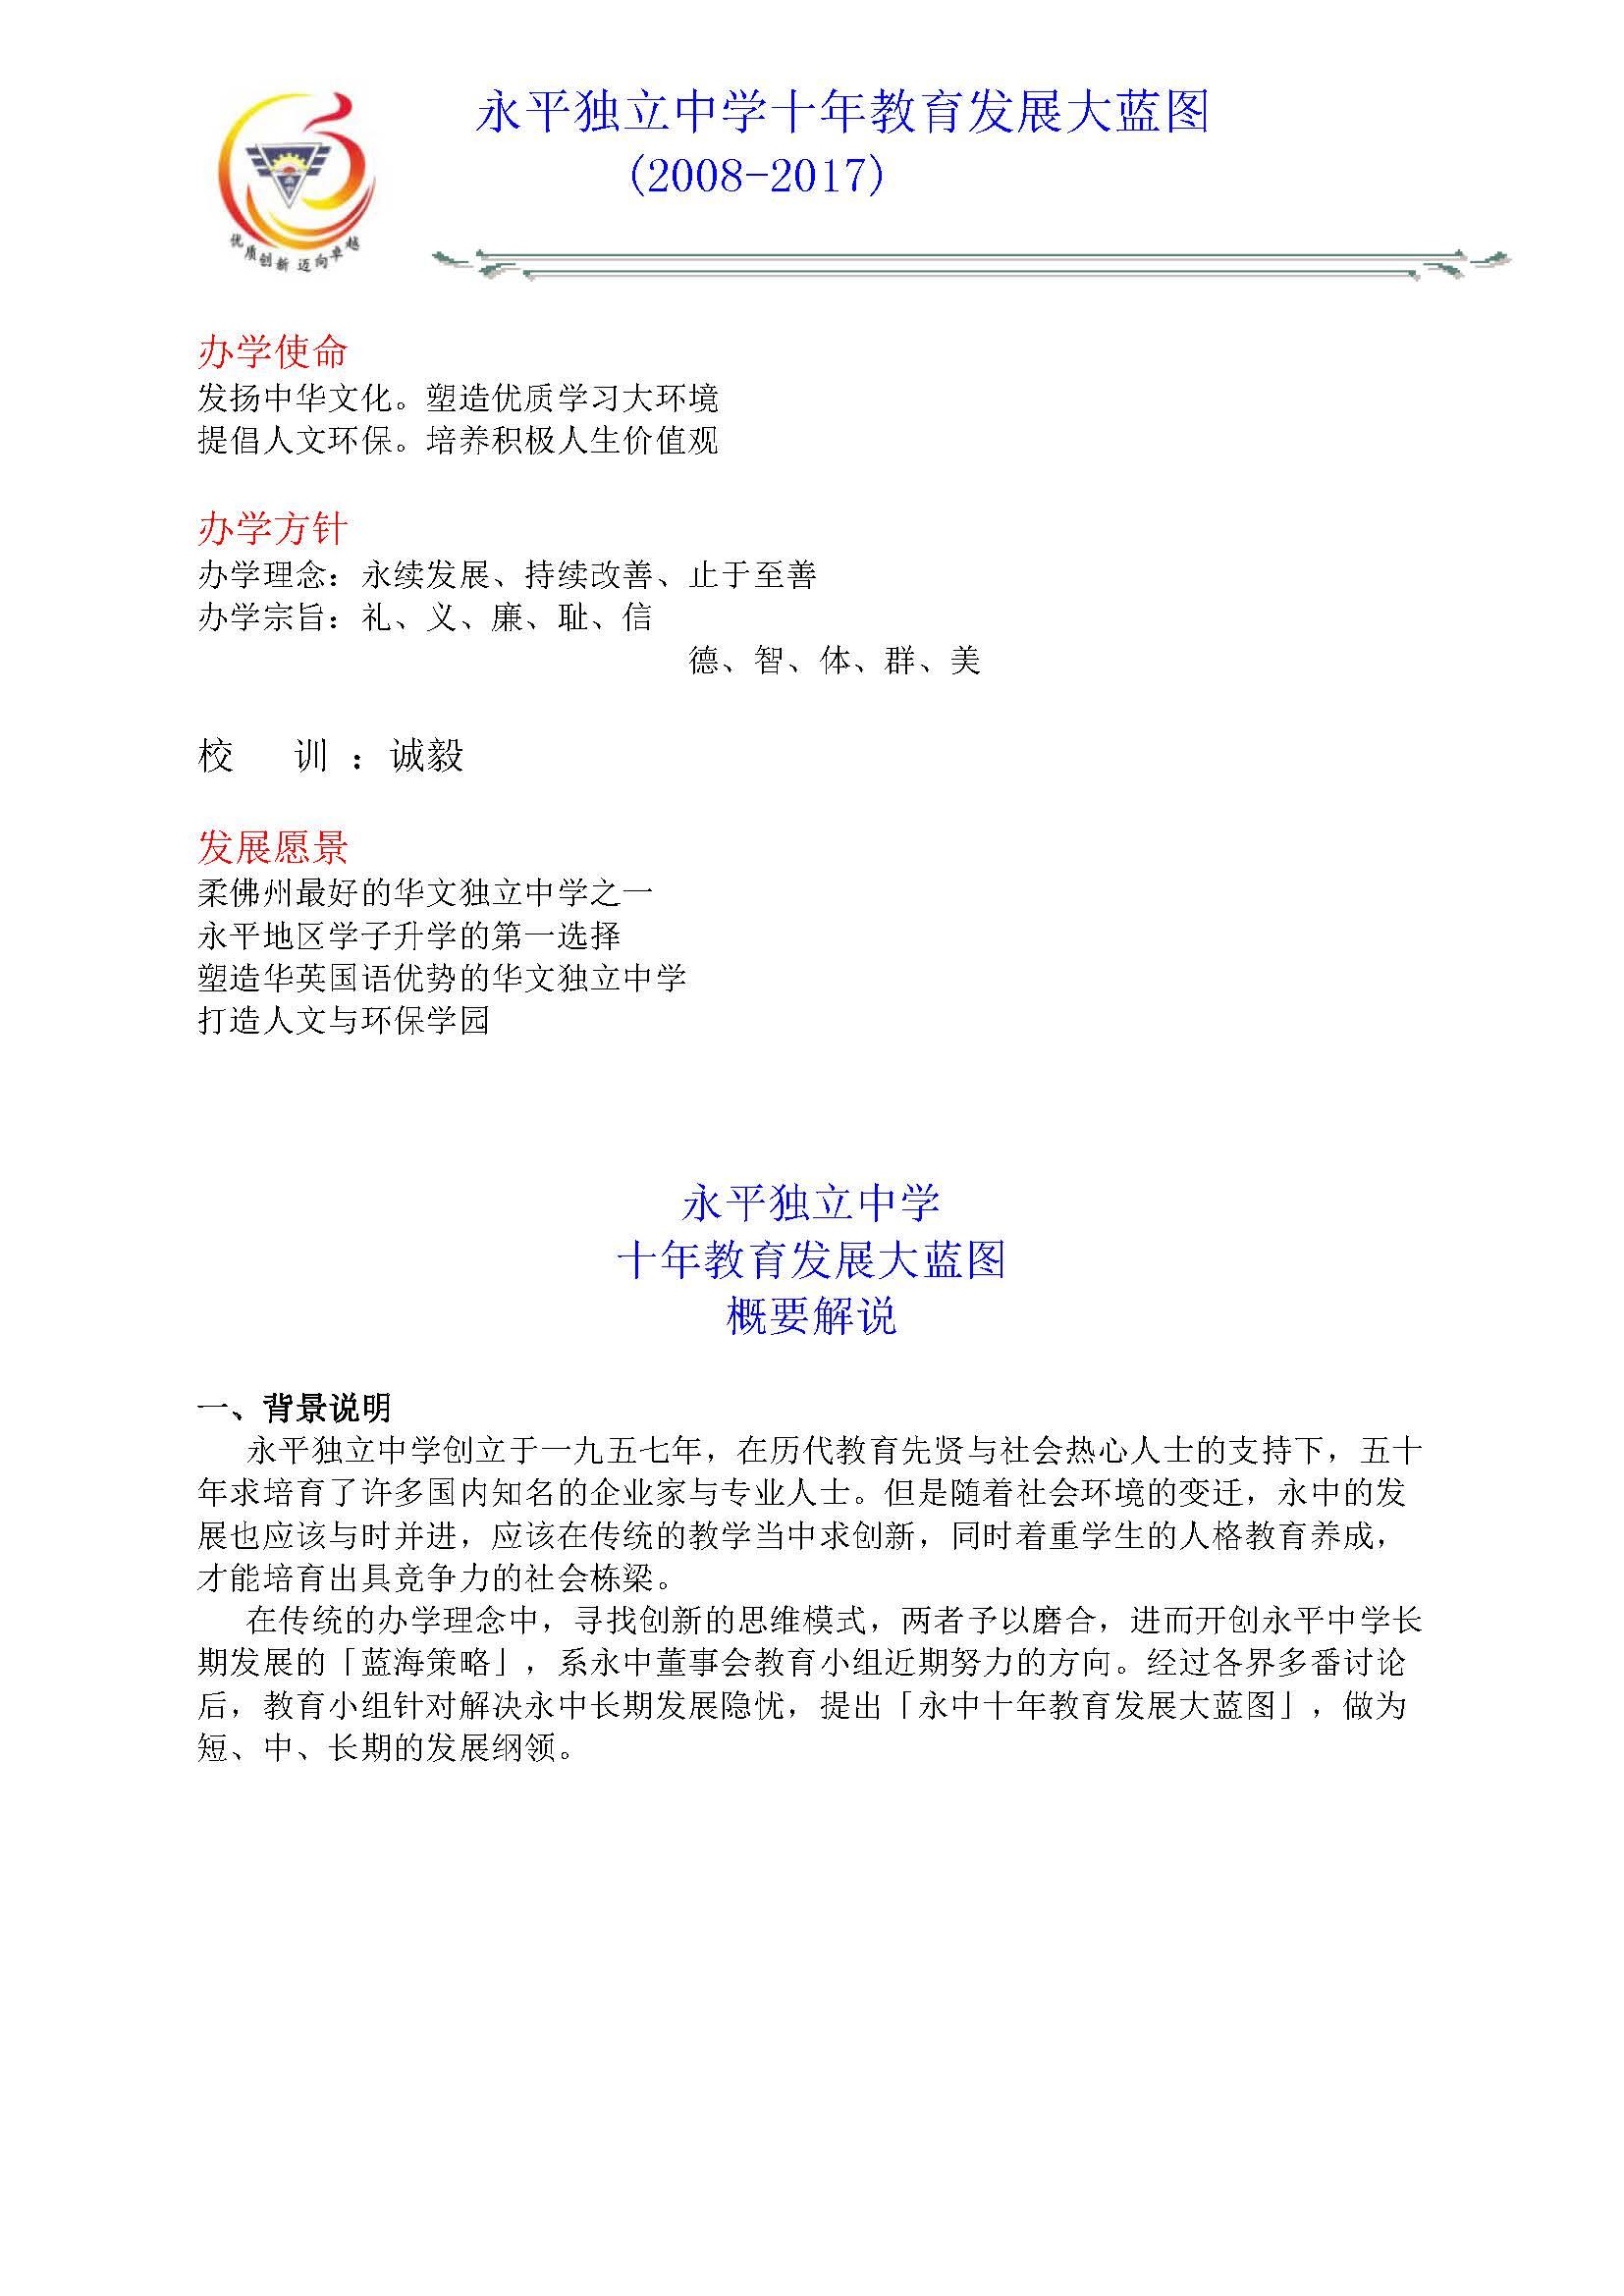 永平独立中学十年大蓝图-ok_Page_1